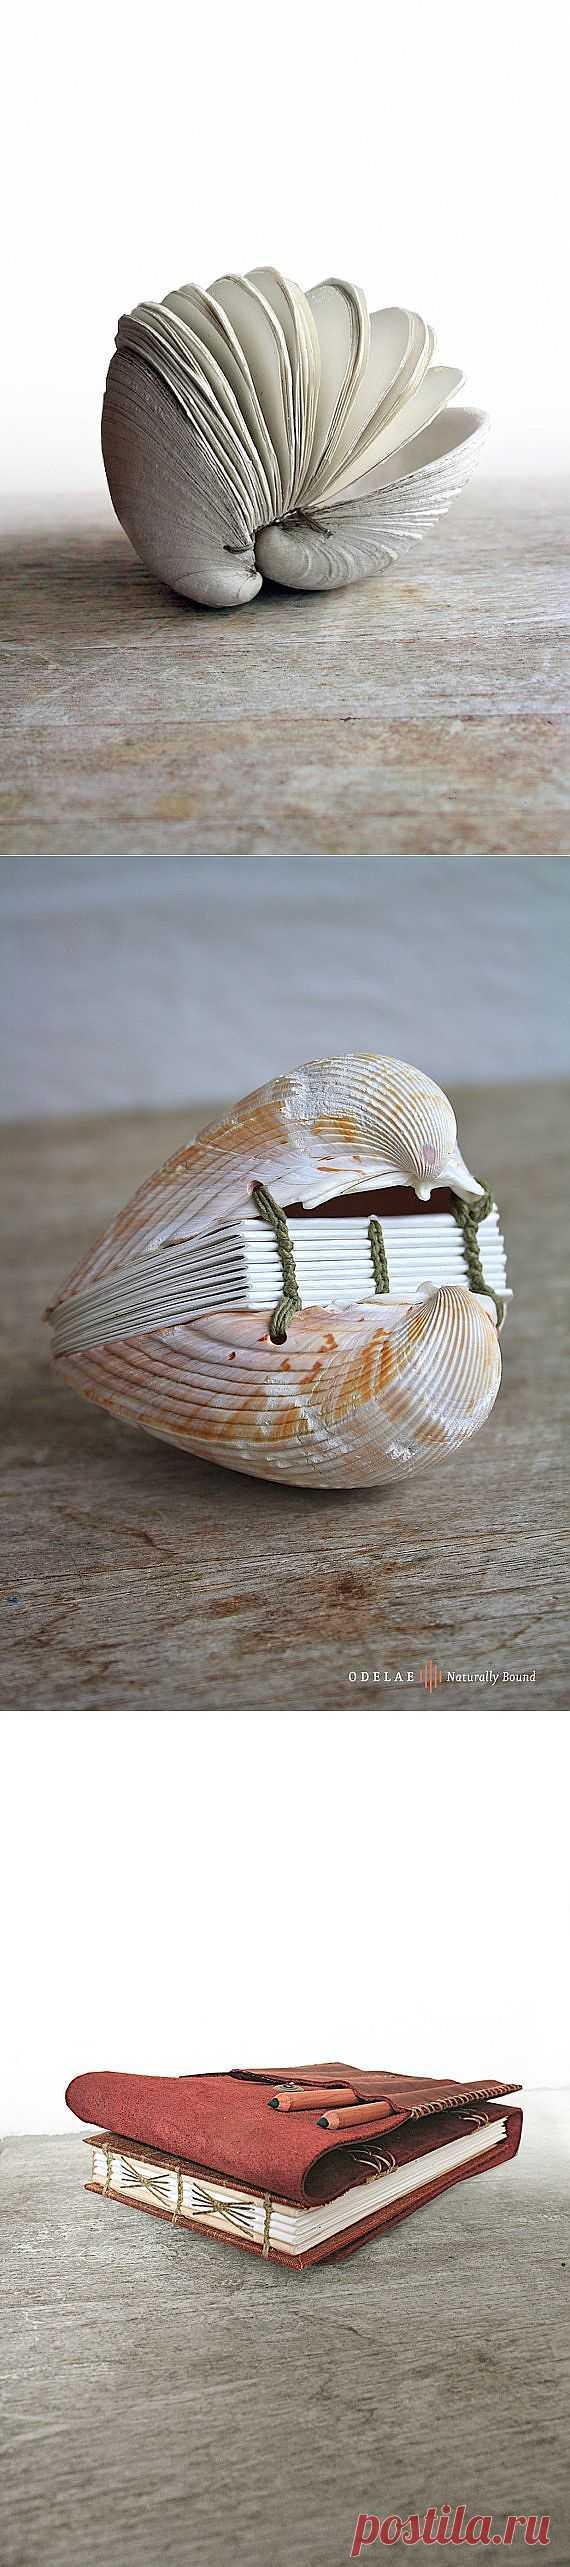 Из-за моря-океана +2 / Бумага и карандаши (скрапбукинг, оригами, и т.д.) / Модный сайт о стильной переделке одежды и интерьера